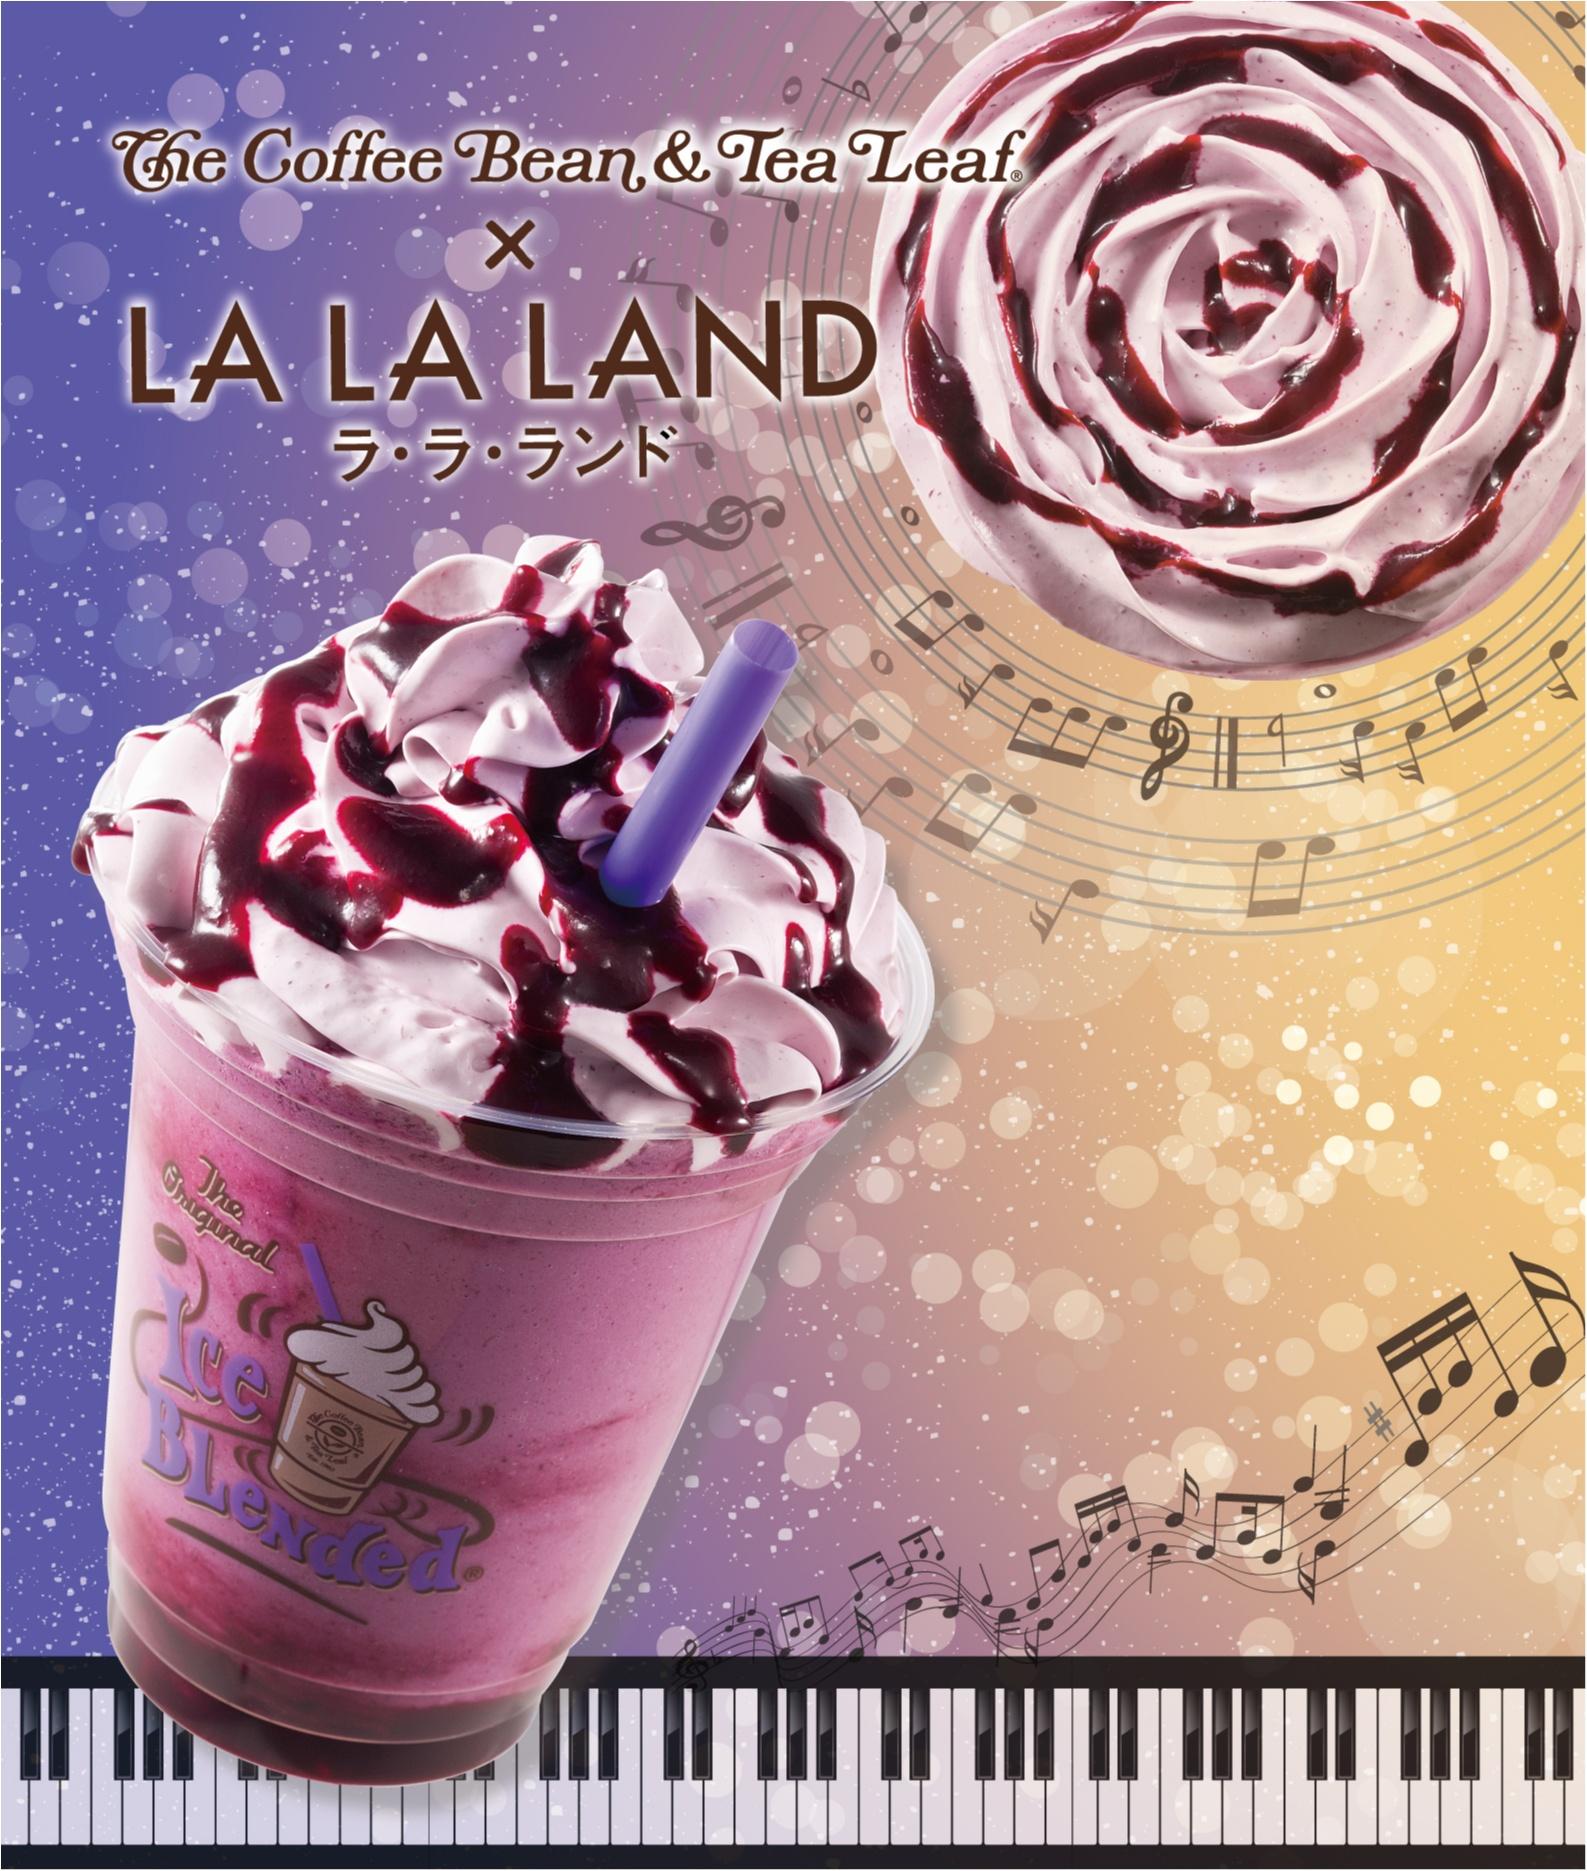 明日公開の超話題作『ラ・ラ・ランド』と夢のタイアップ! 『コーヒービーン&ティーリーフ』の新作で踊り出す気分に♬_1